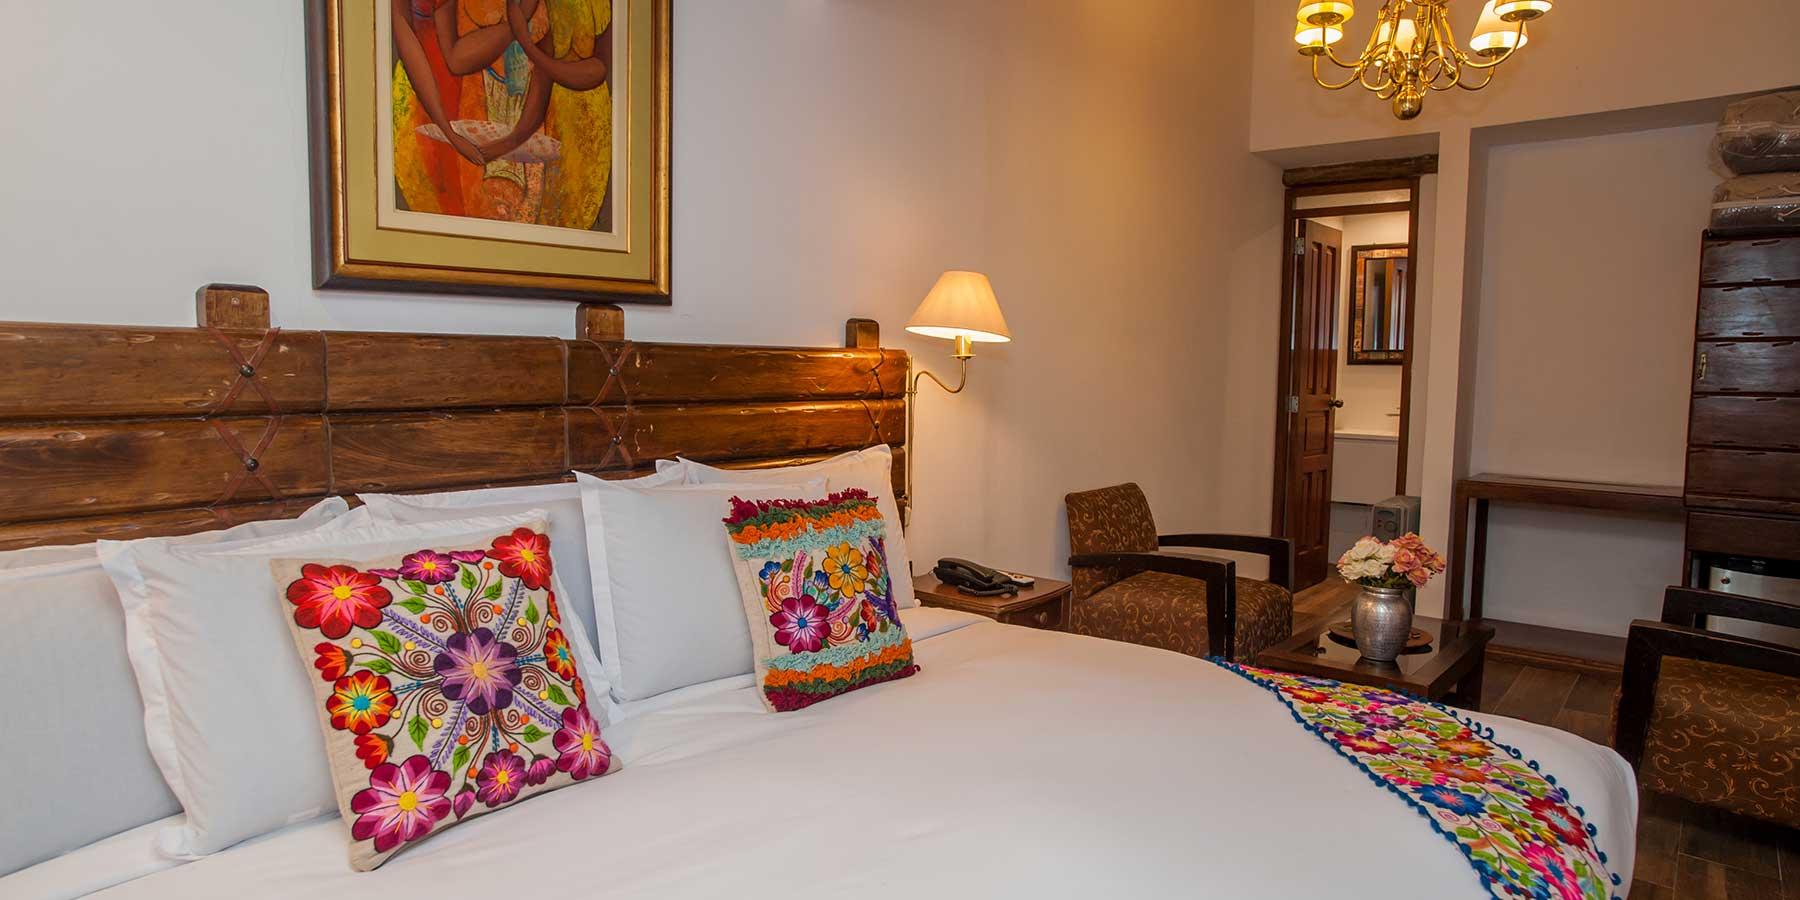 hotel la cabana machu picchu peru cusco (6)